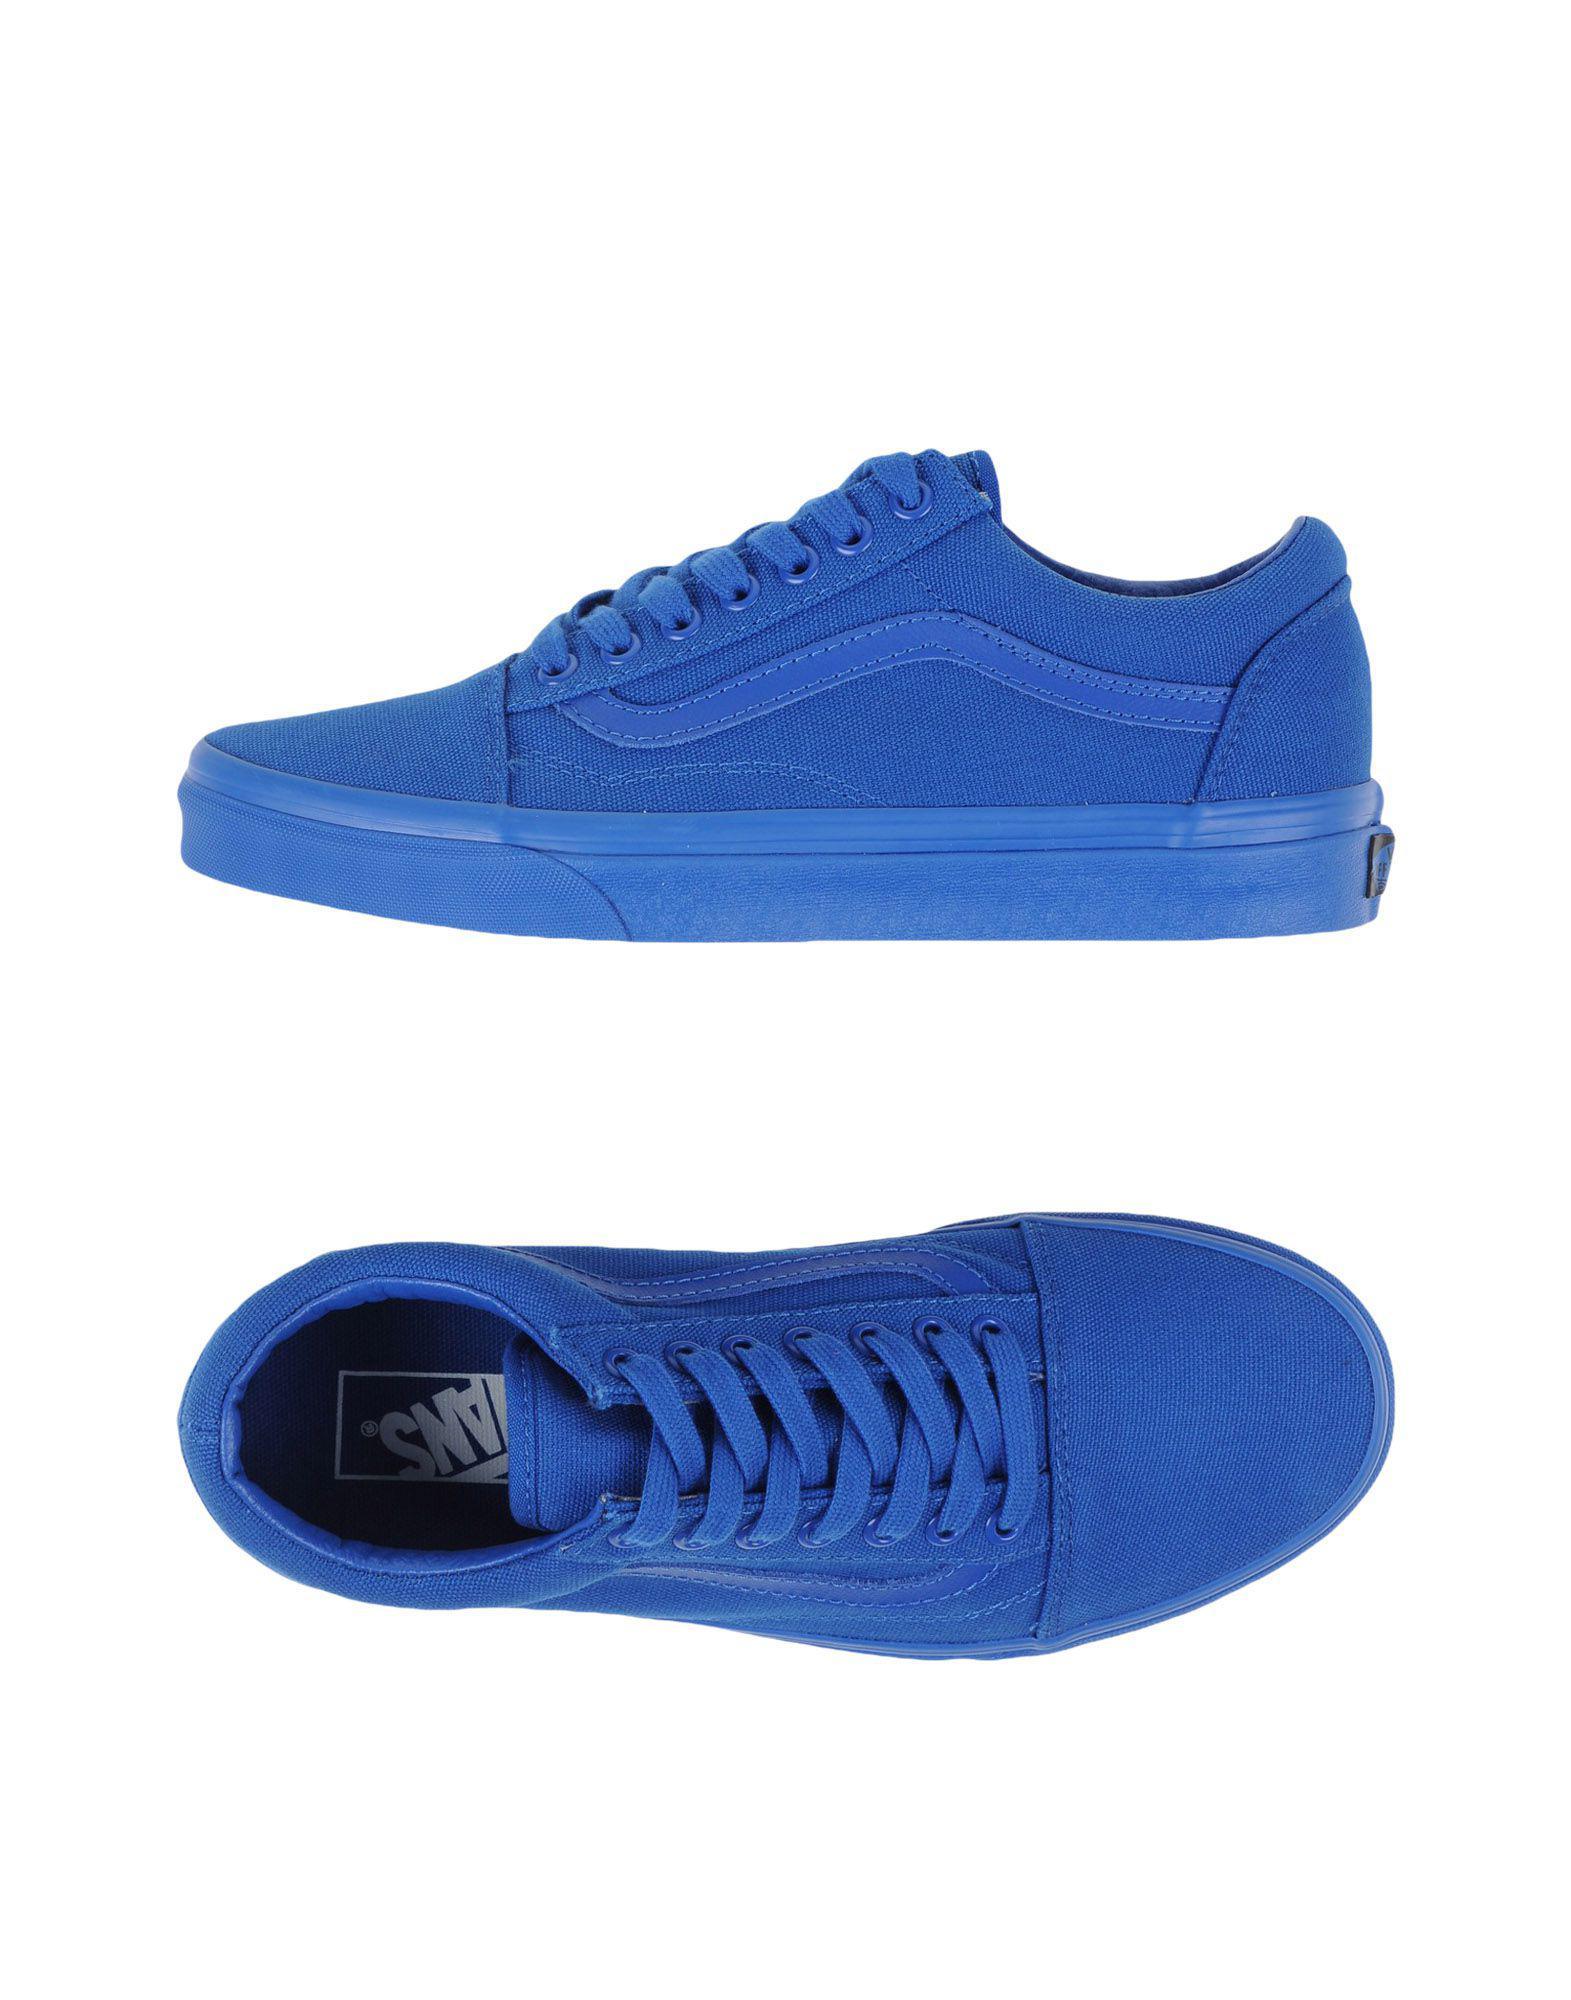 Vans. Men's Blue Low-tops & Sneakers